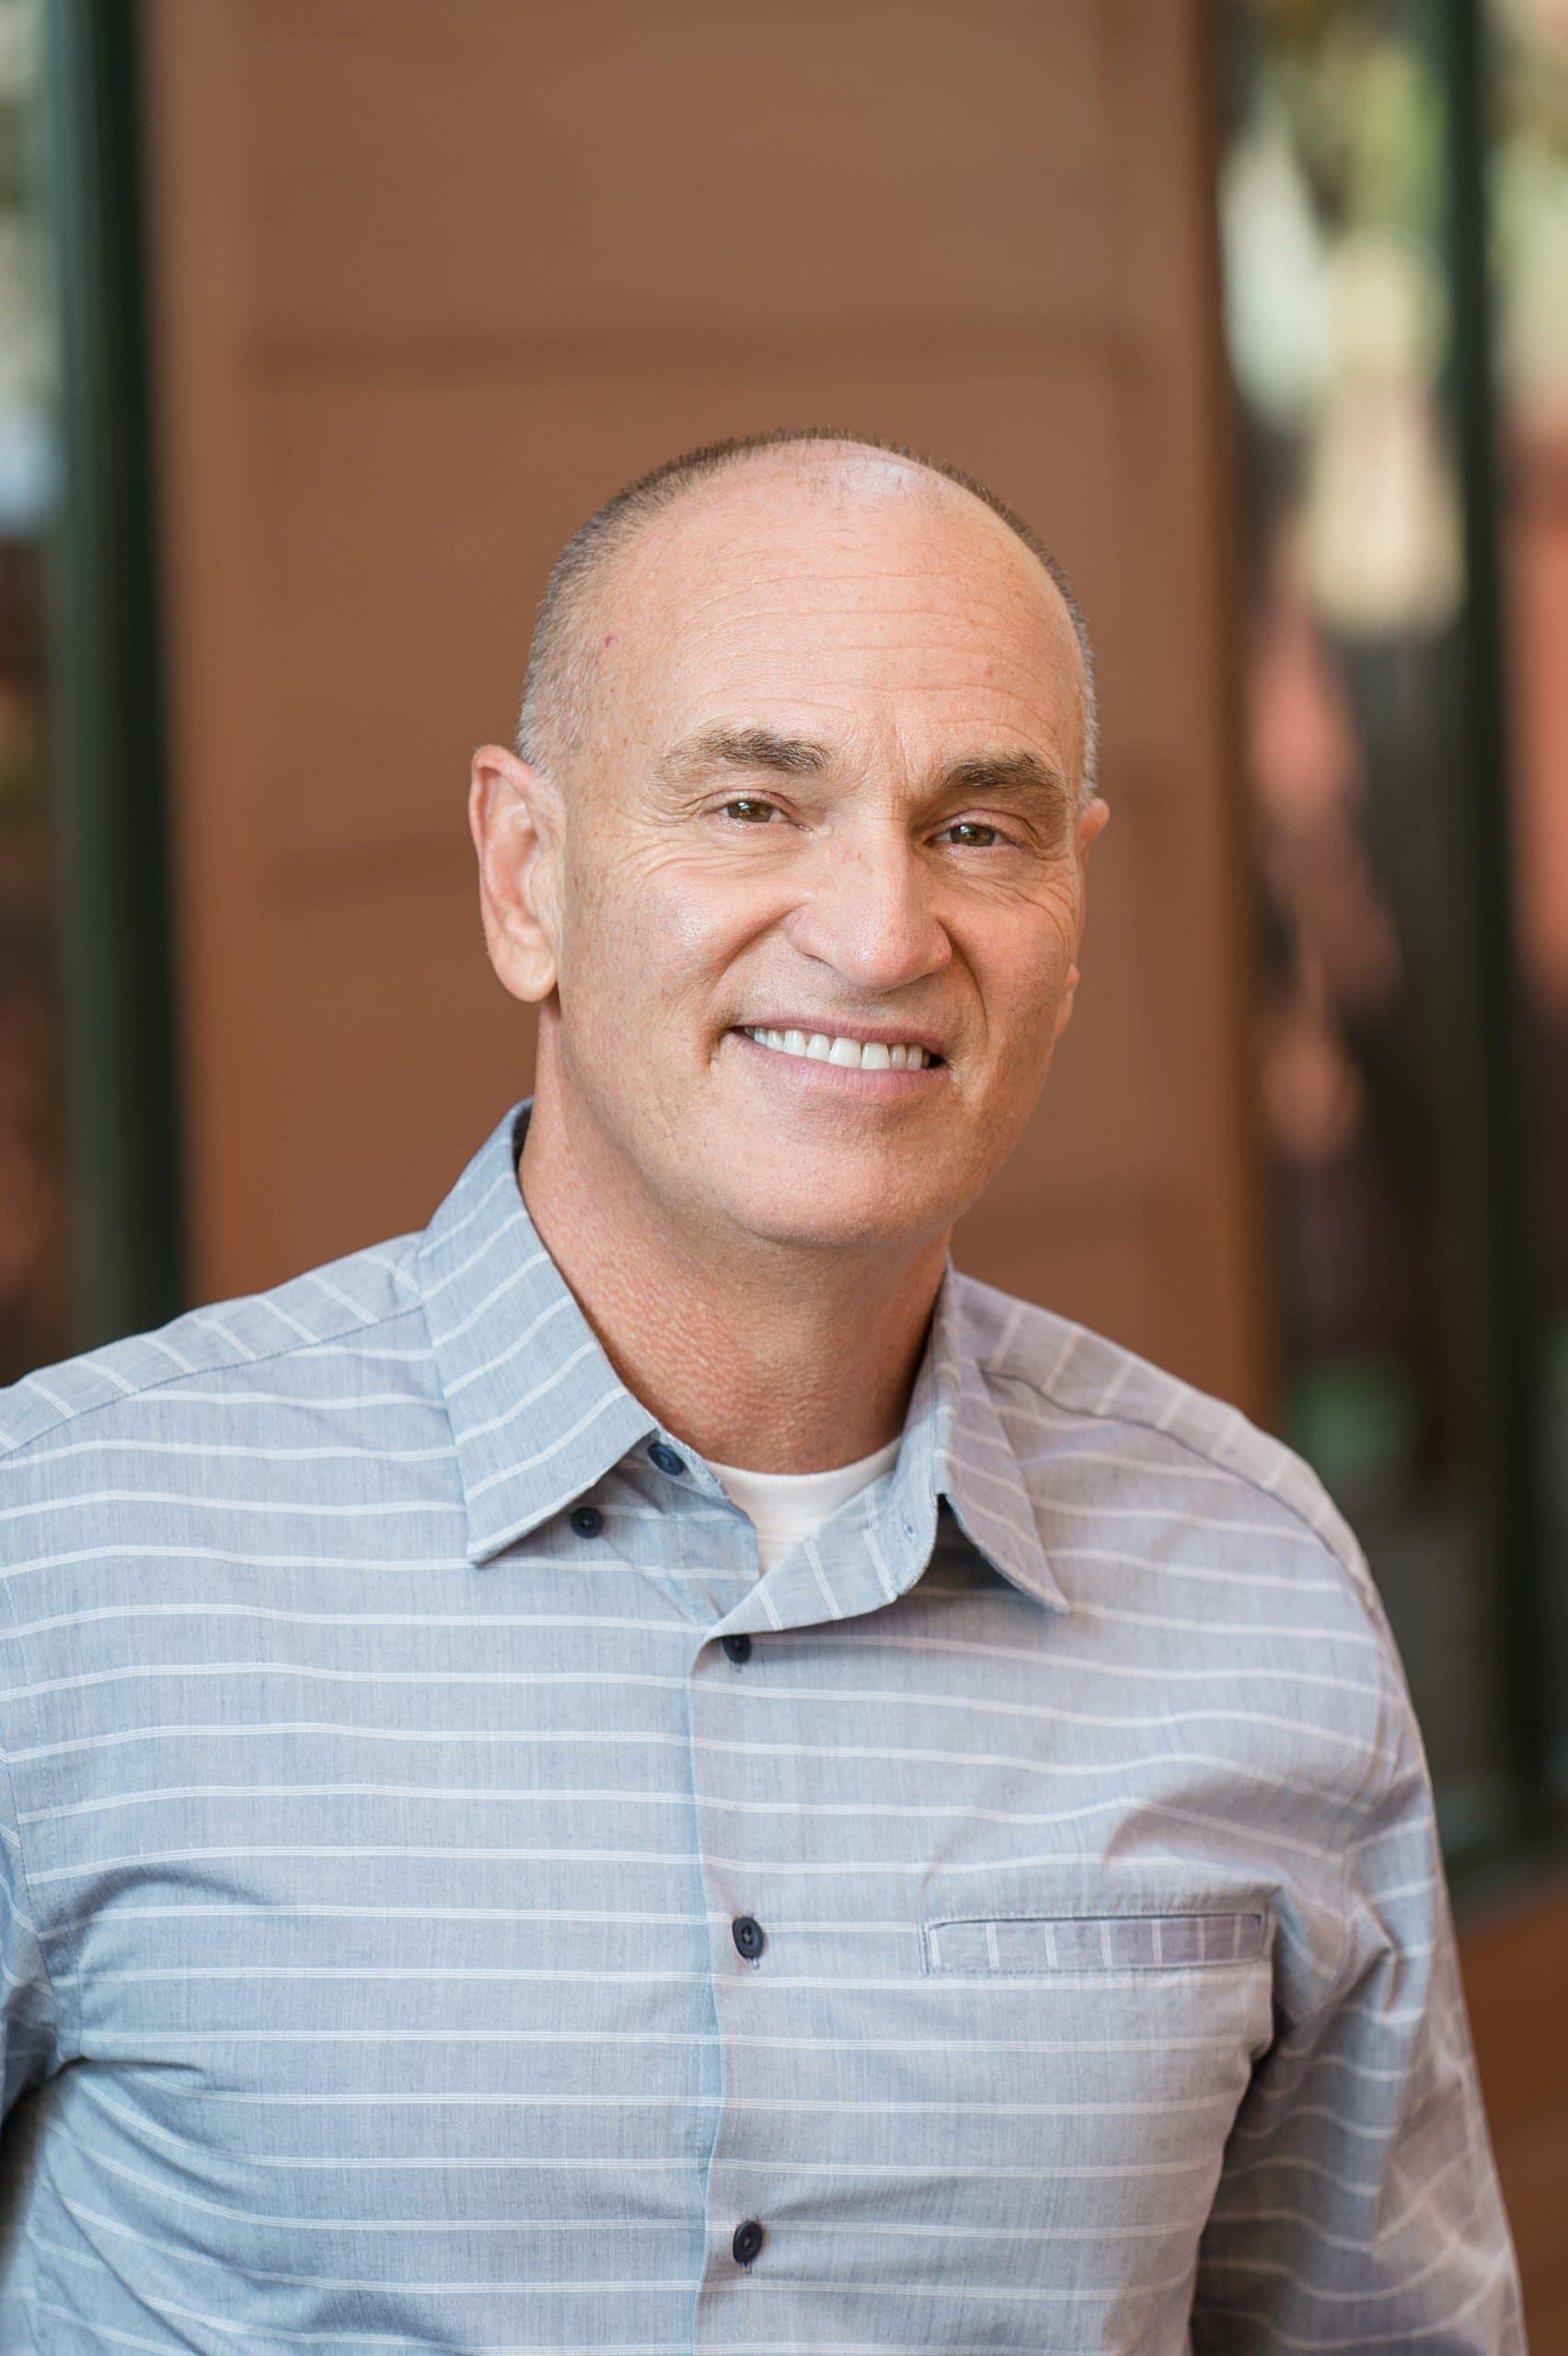 Dentist Dr. Dan Ross